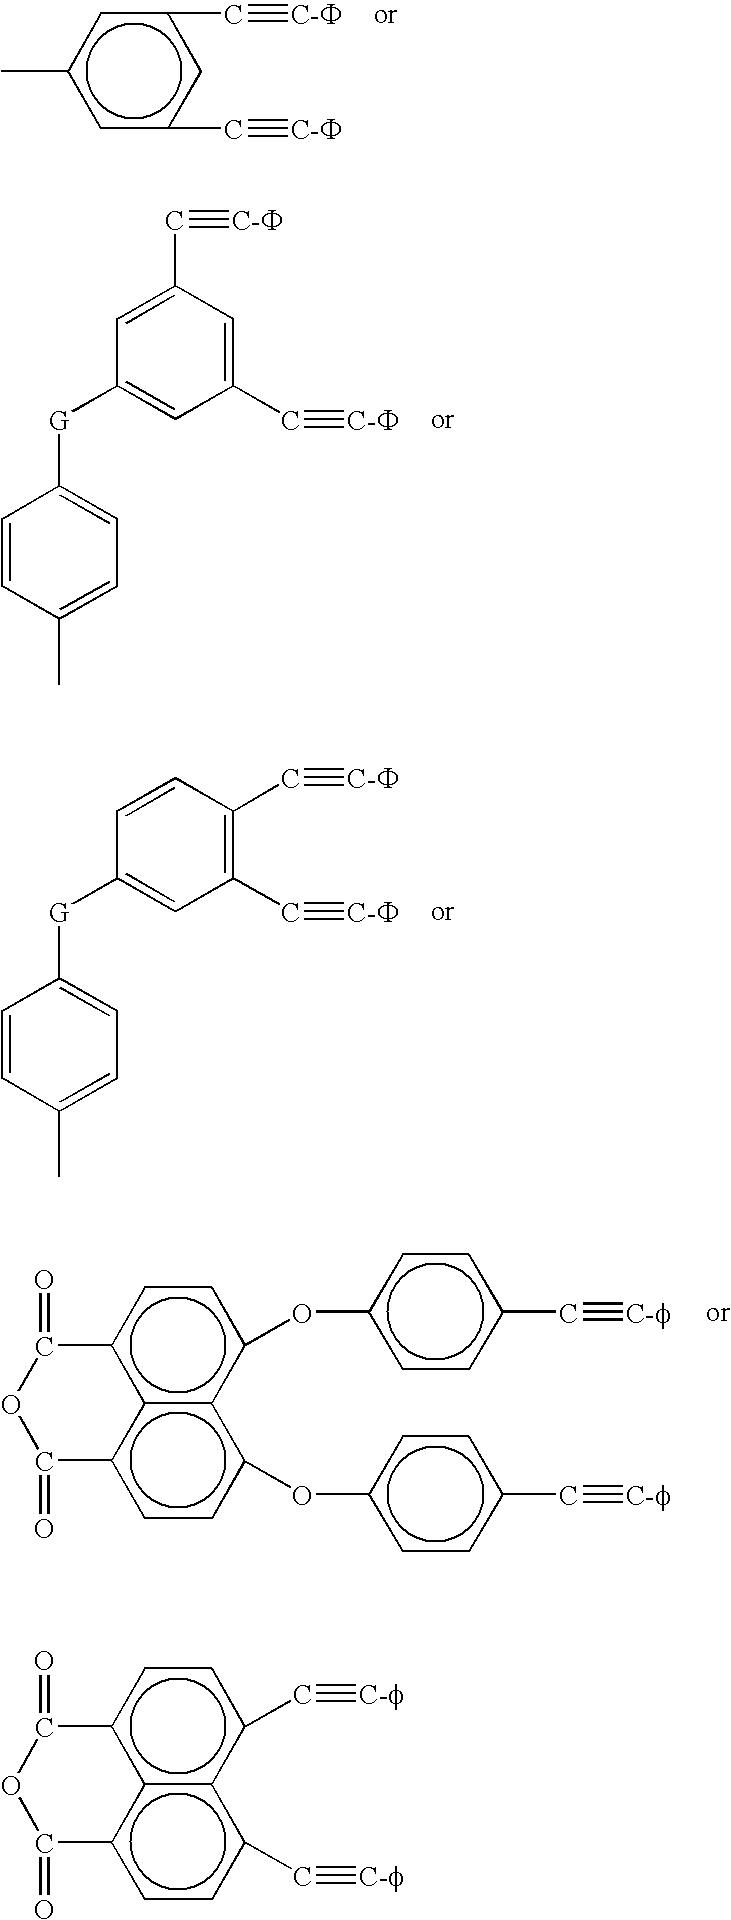 Figure US20100204412A1-20100812-C00030